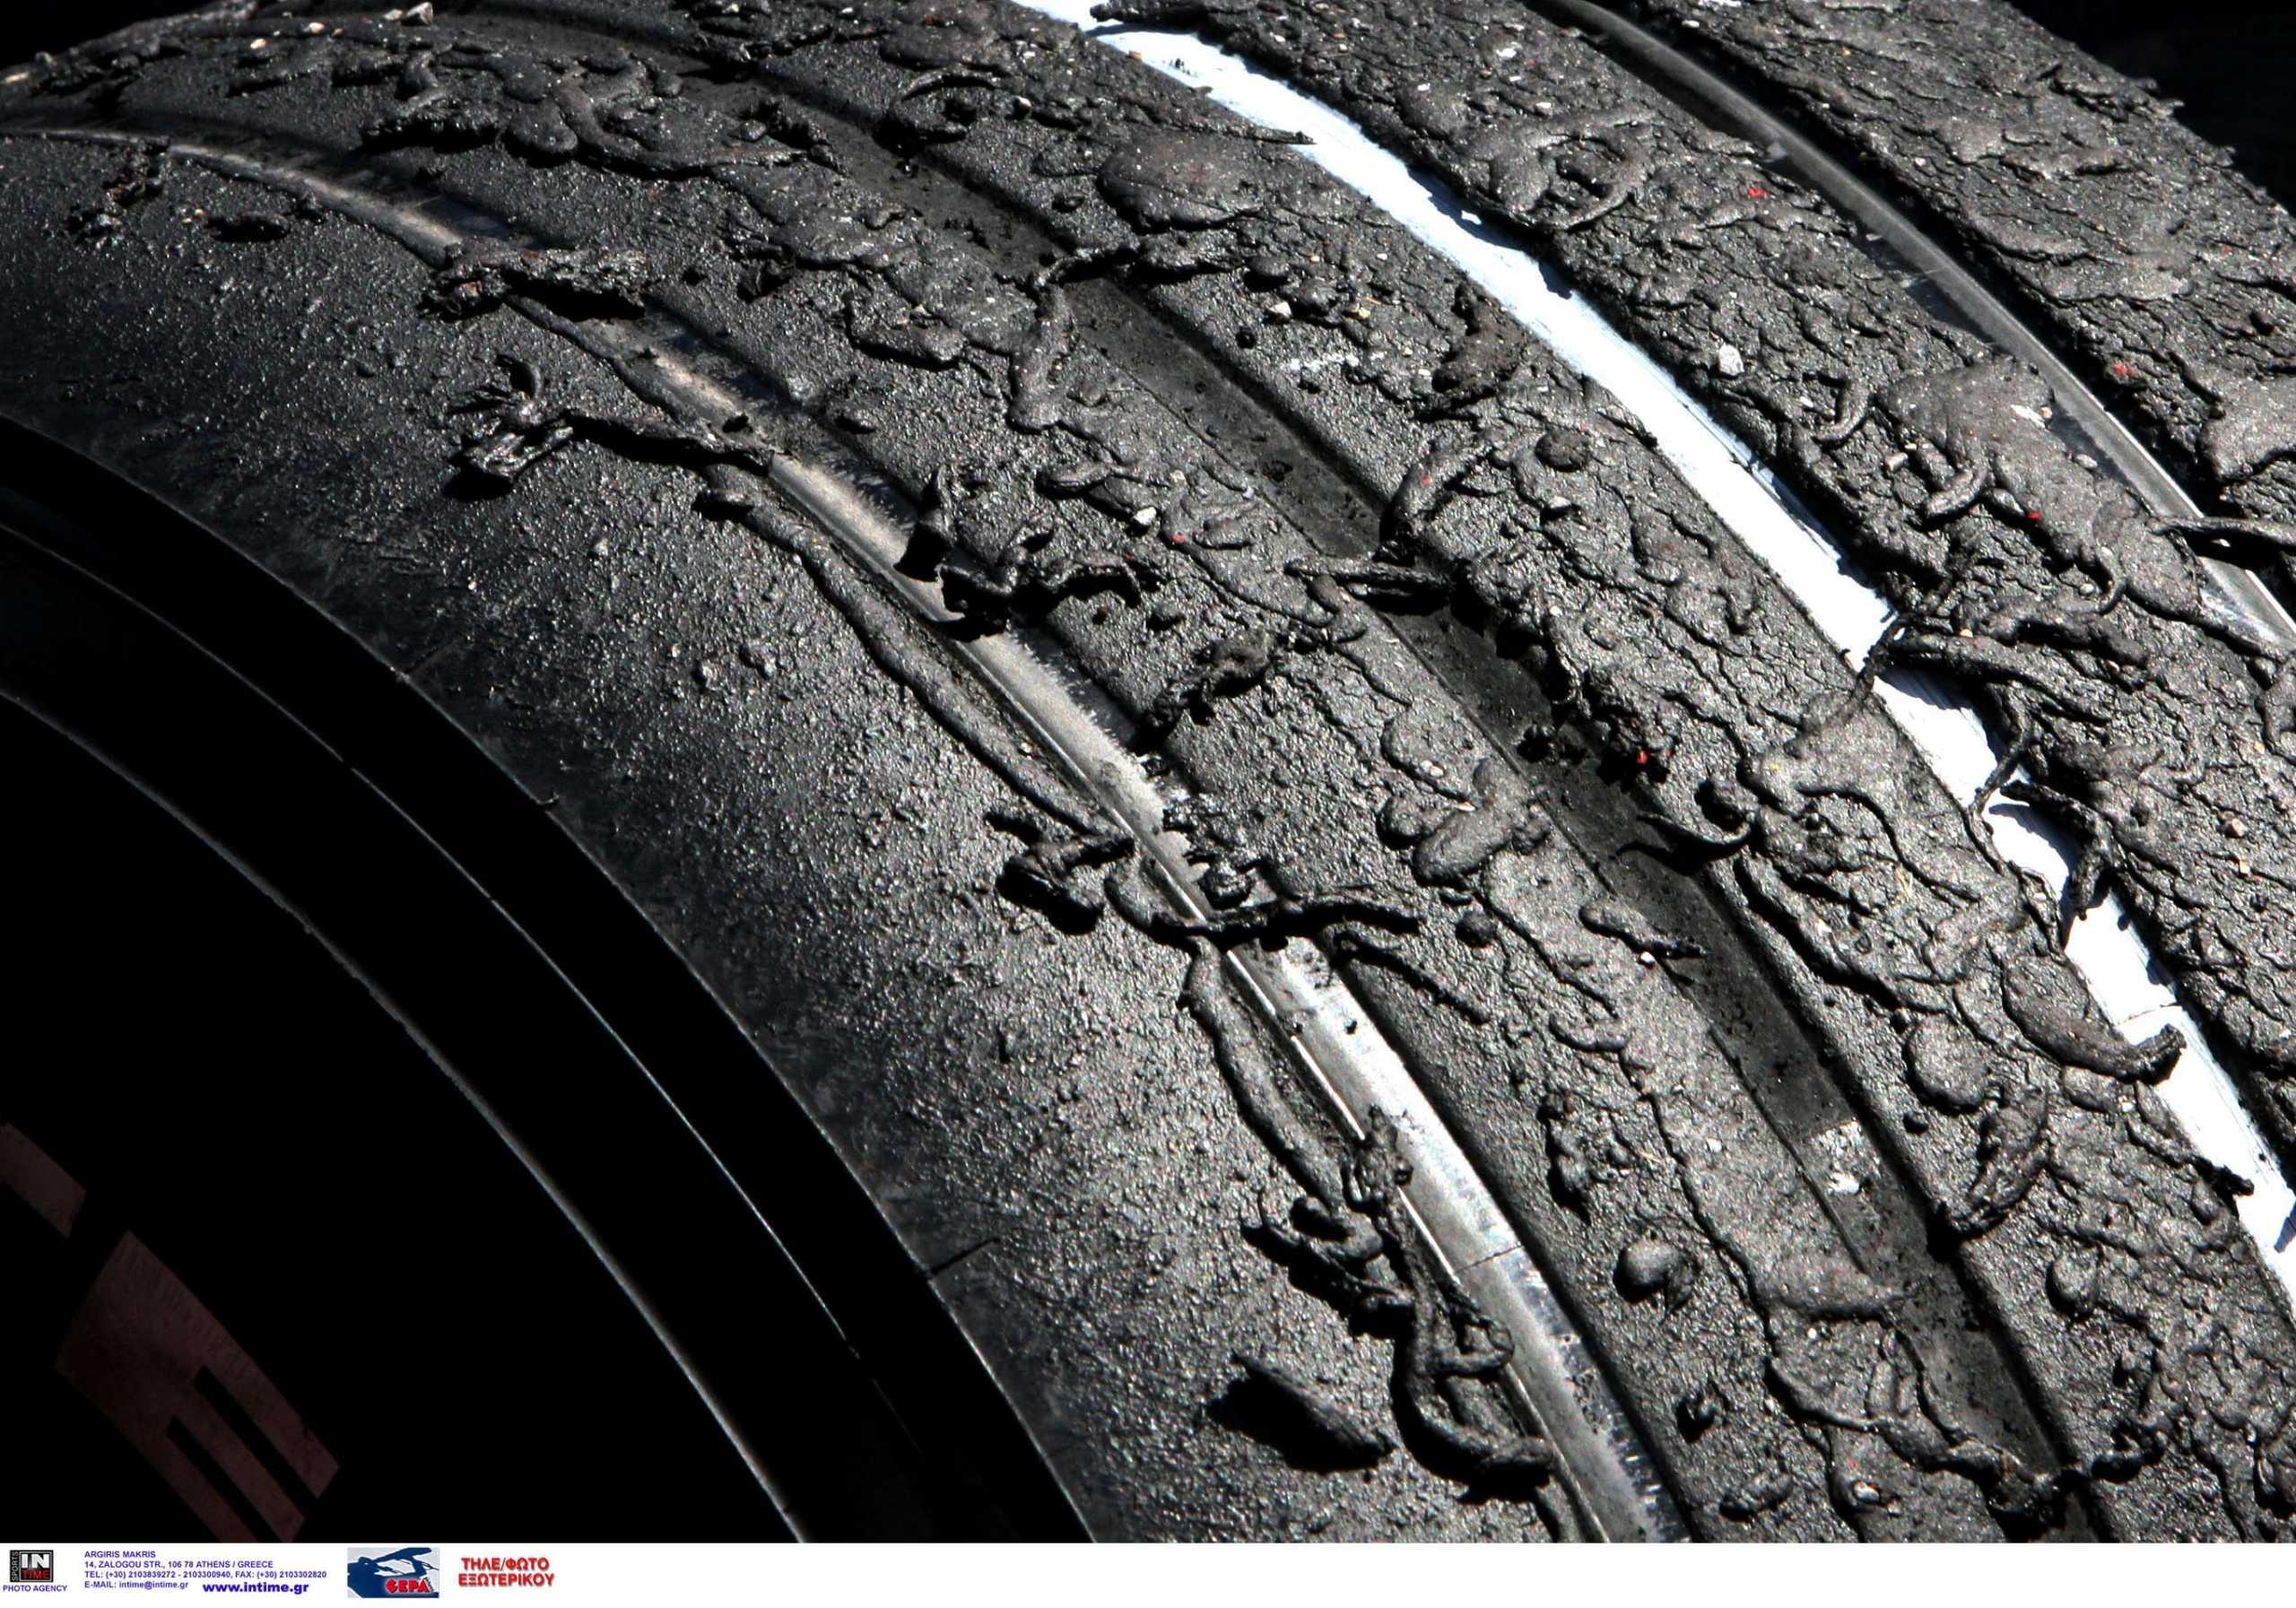 Βόλος: Δεκάδες αυτοκίνητα βρέθηκαν με σκισμένα λάστιχα